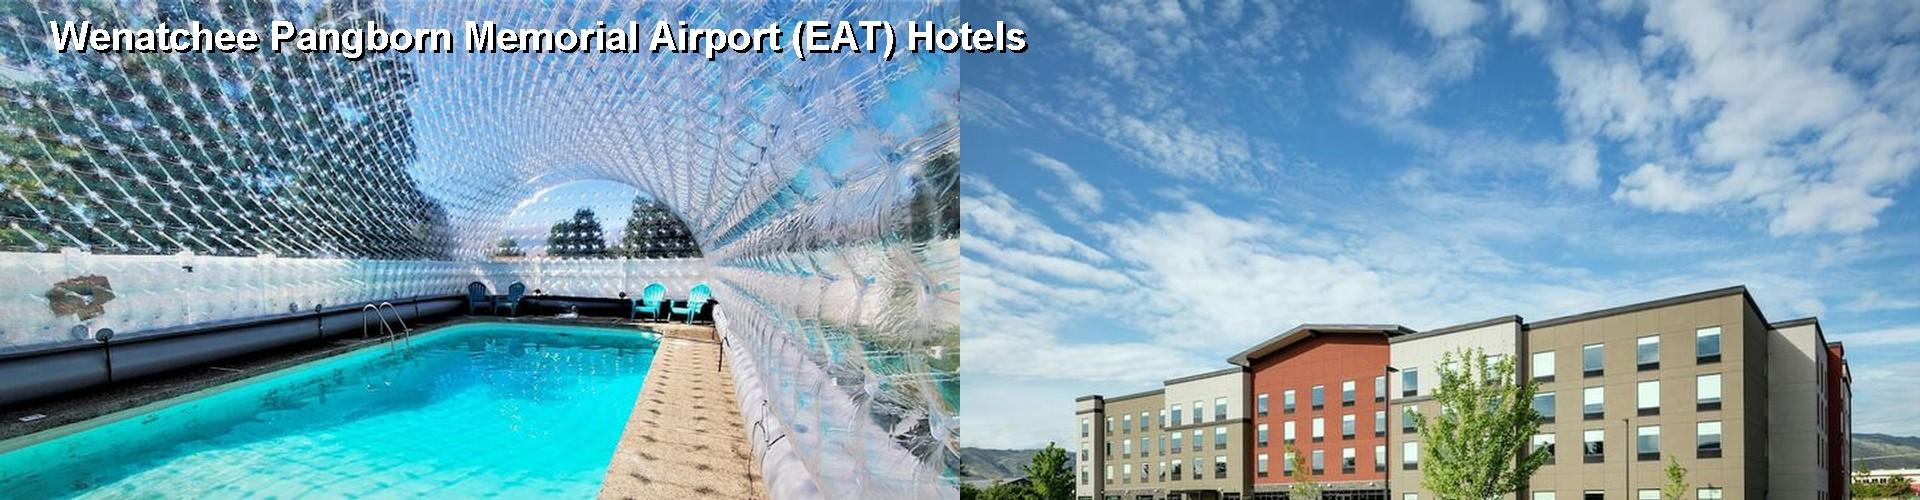 Cheap Hotels In East Wenatchee Wa